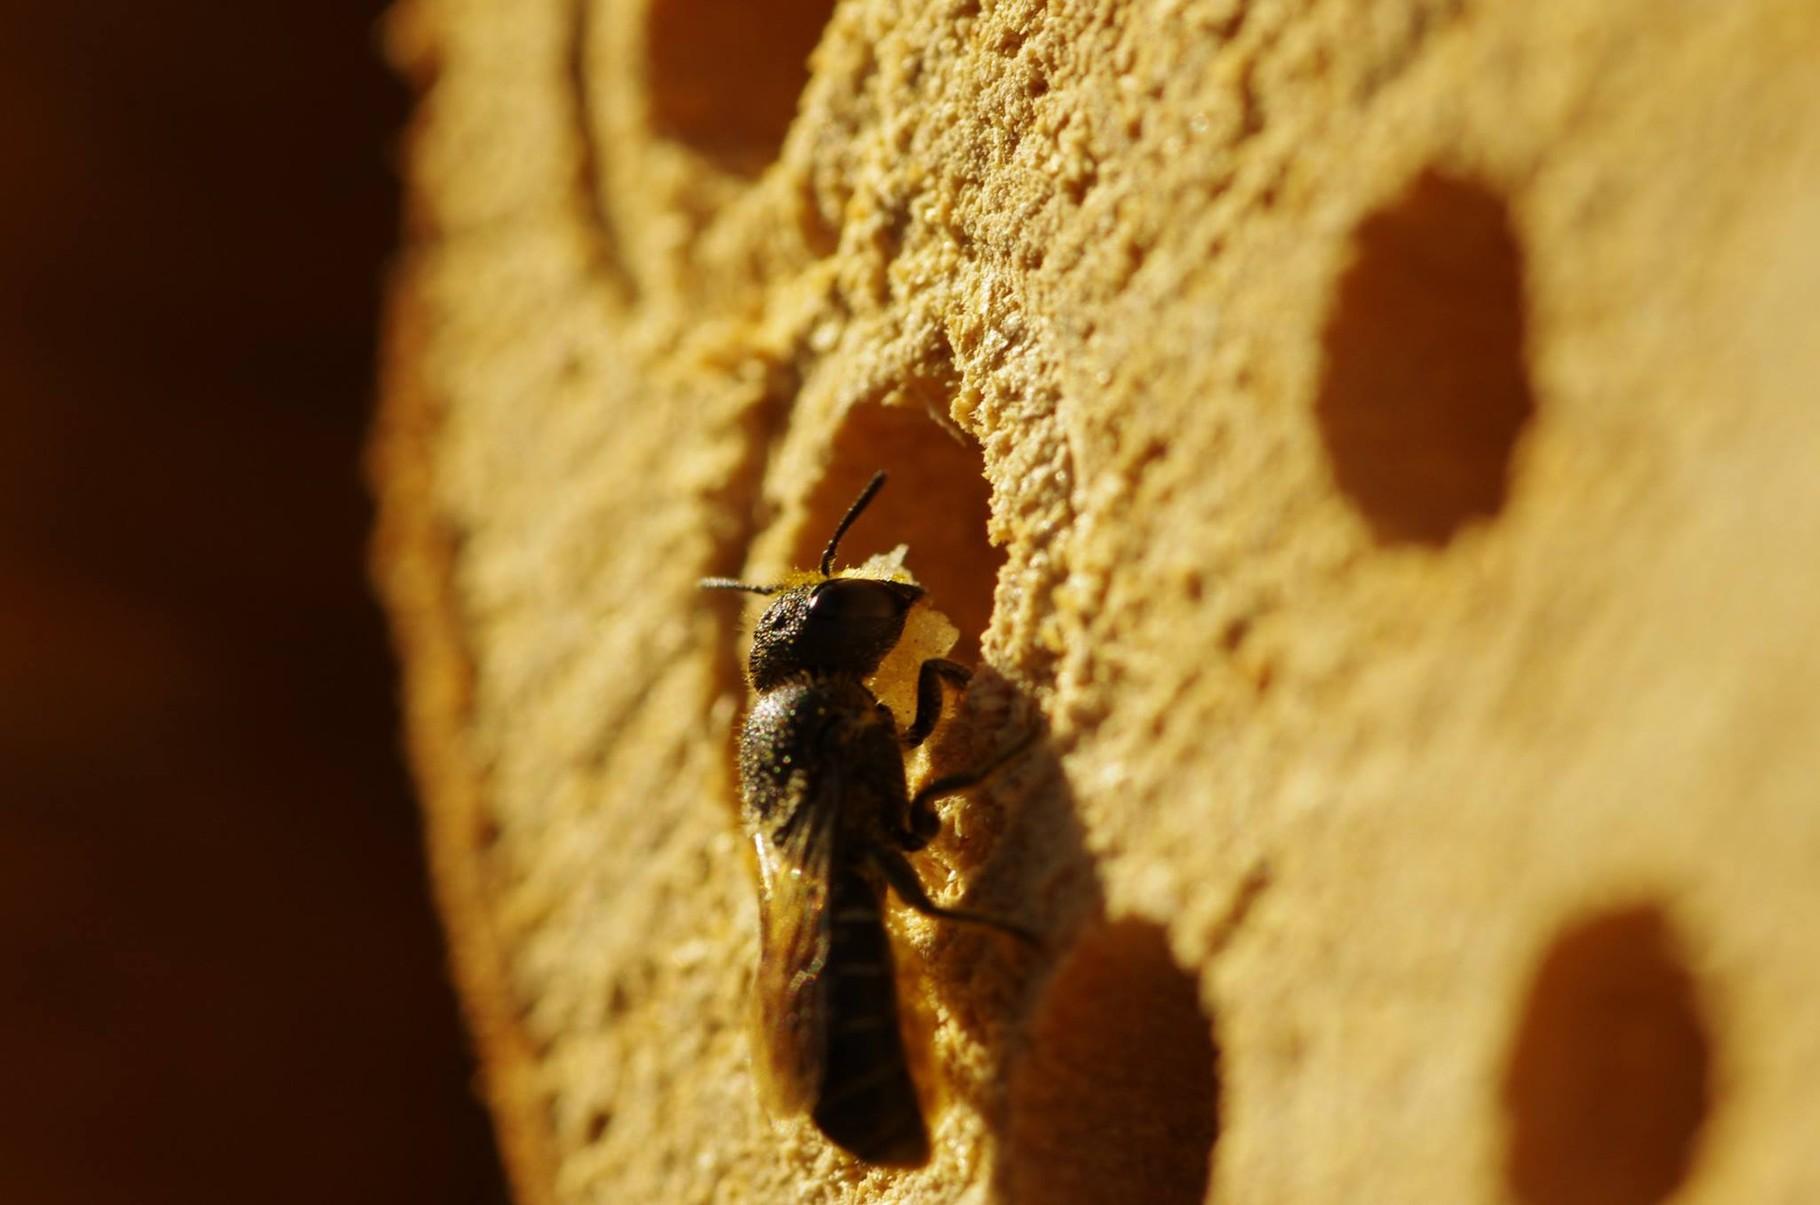 Hier trägt die Biene gerade frisches Harz ein, mit dem sie die Brutzellen verschließt.